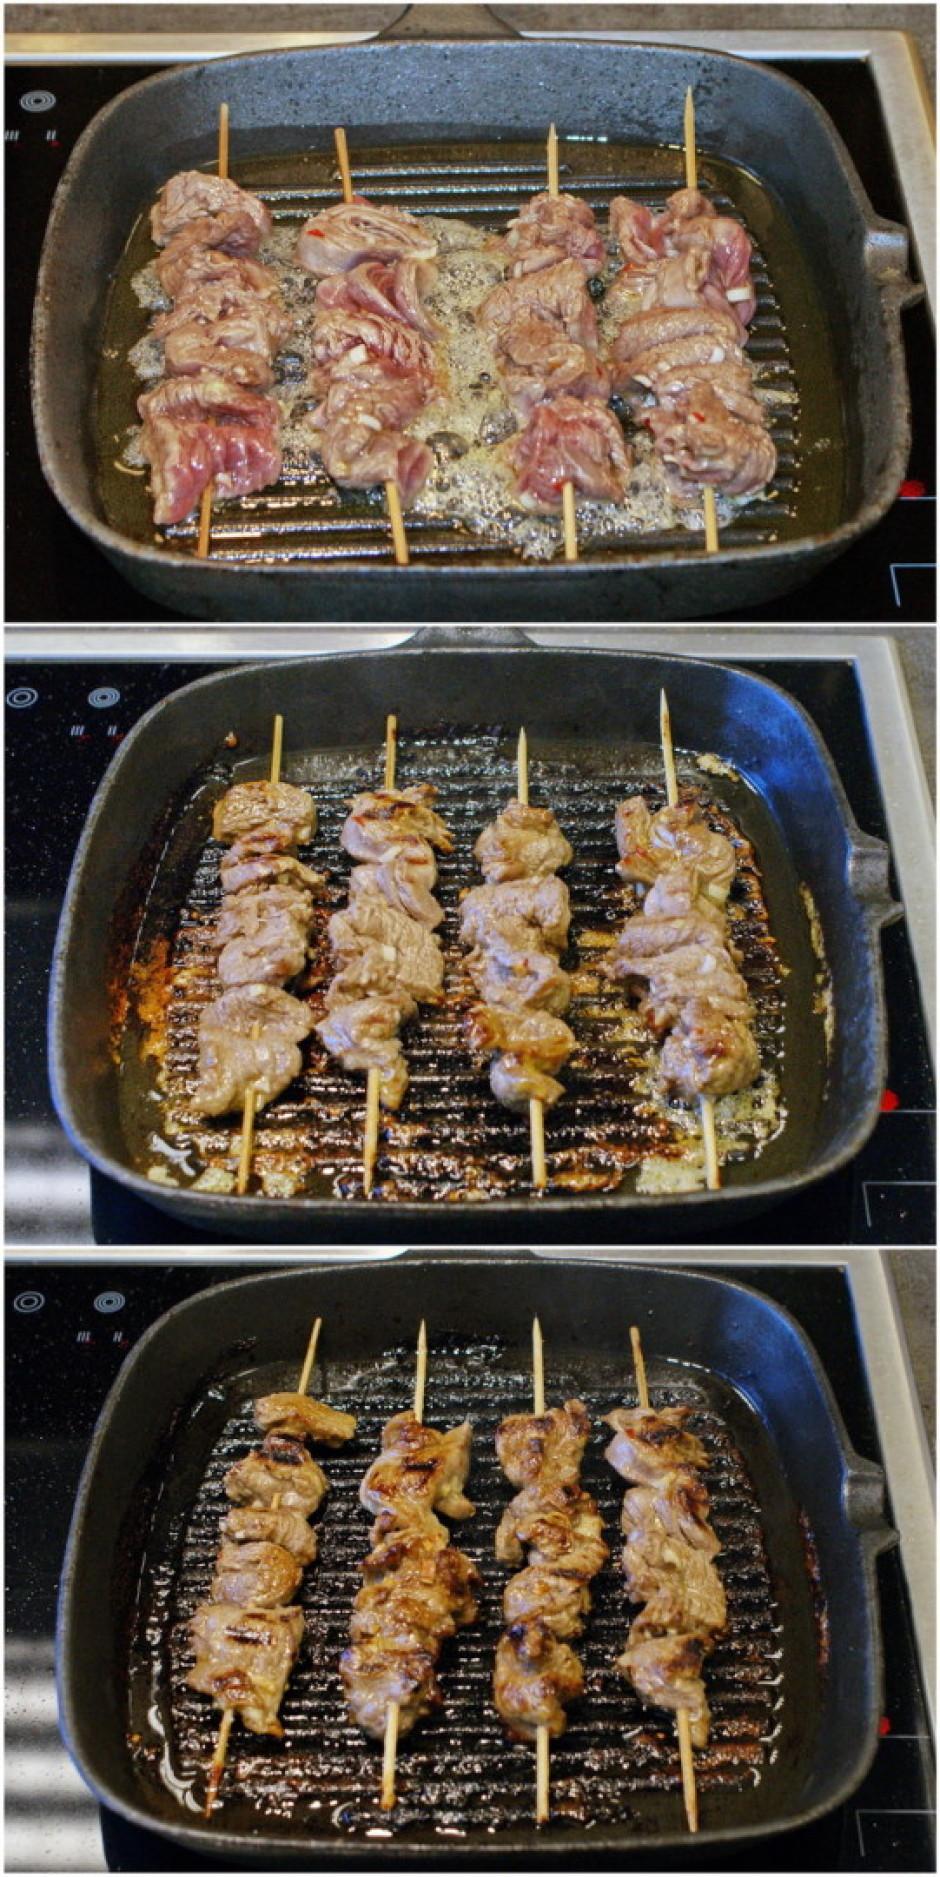 Tos cep uz pannas apmēram 5 minūtes (vai kamēr gaļa gatava),...